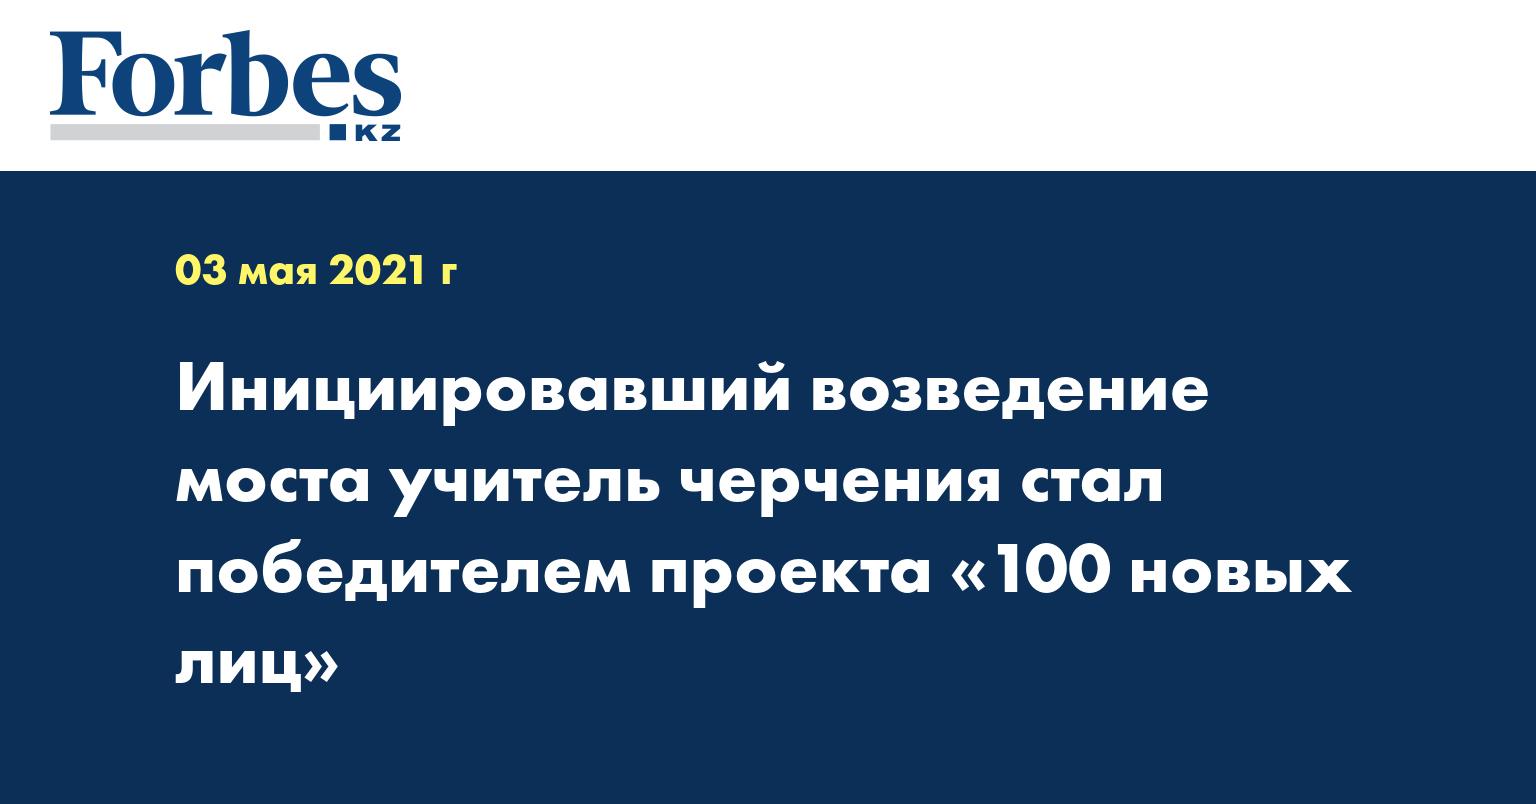 Инициировавший возведение моста учитель черчения стал победителем проекта «100 новых лиц»